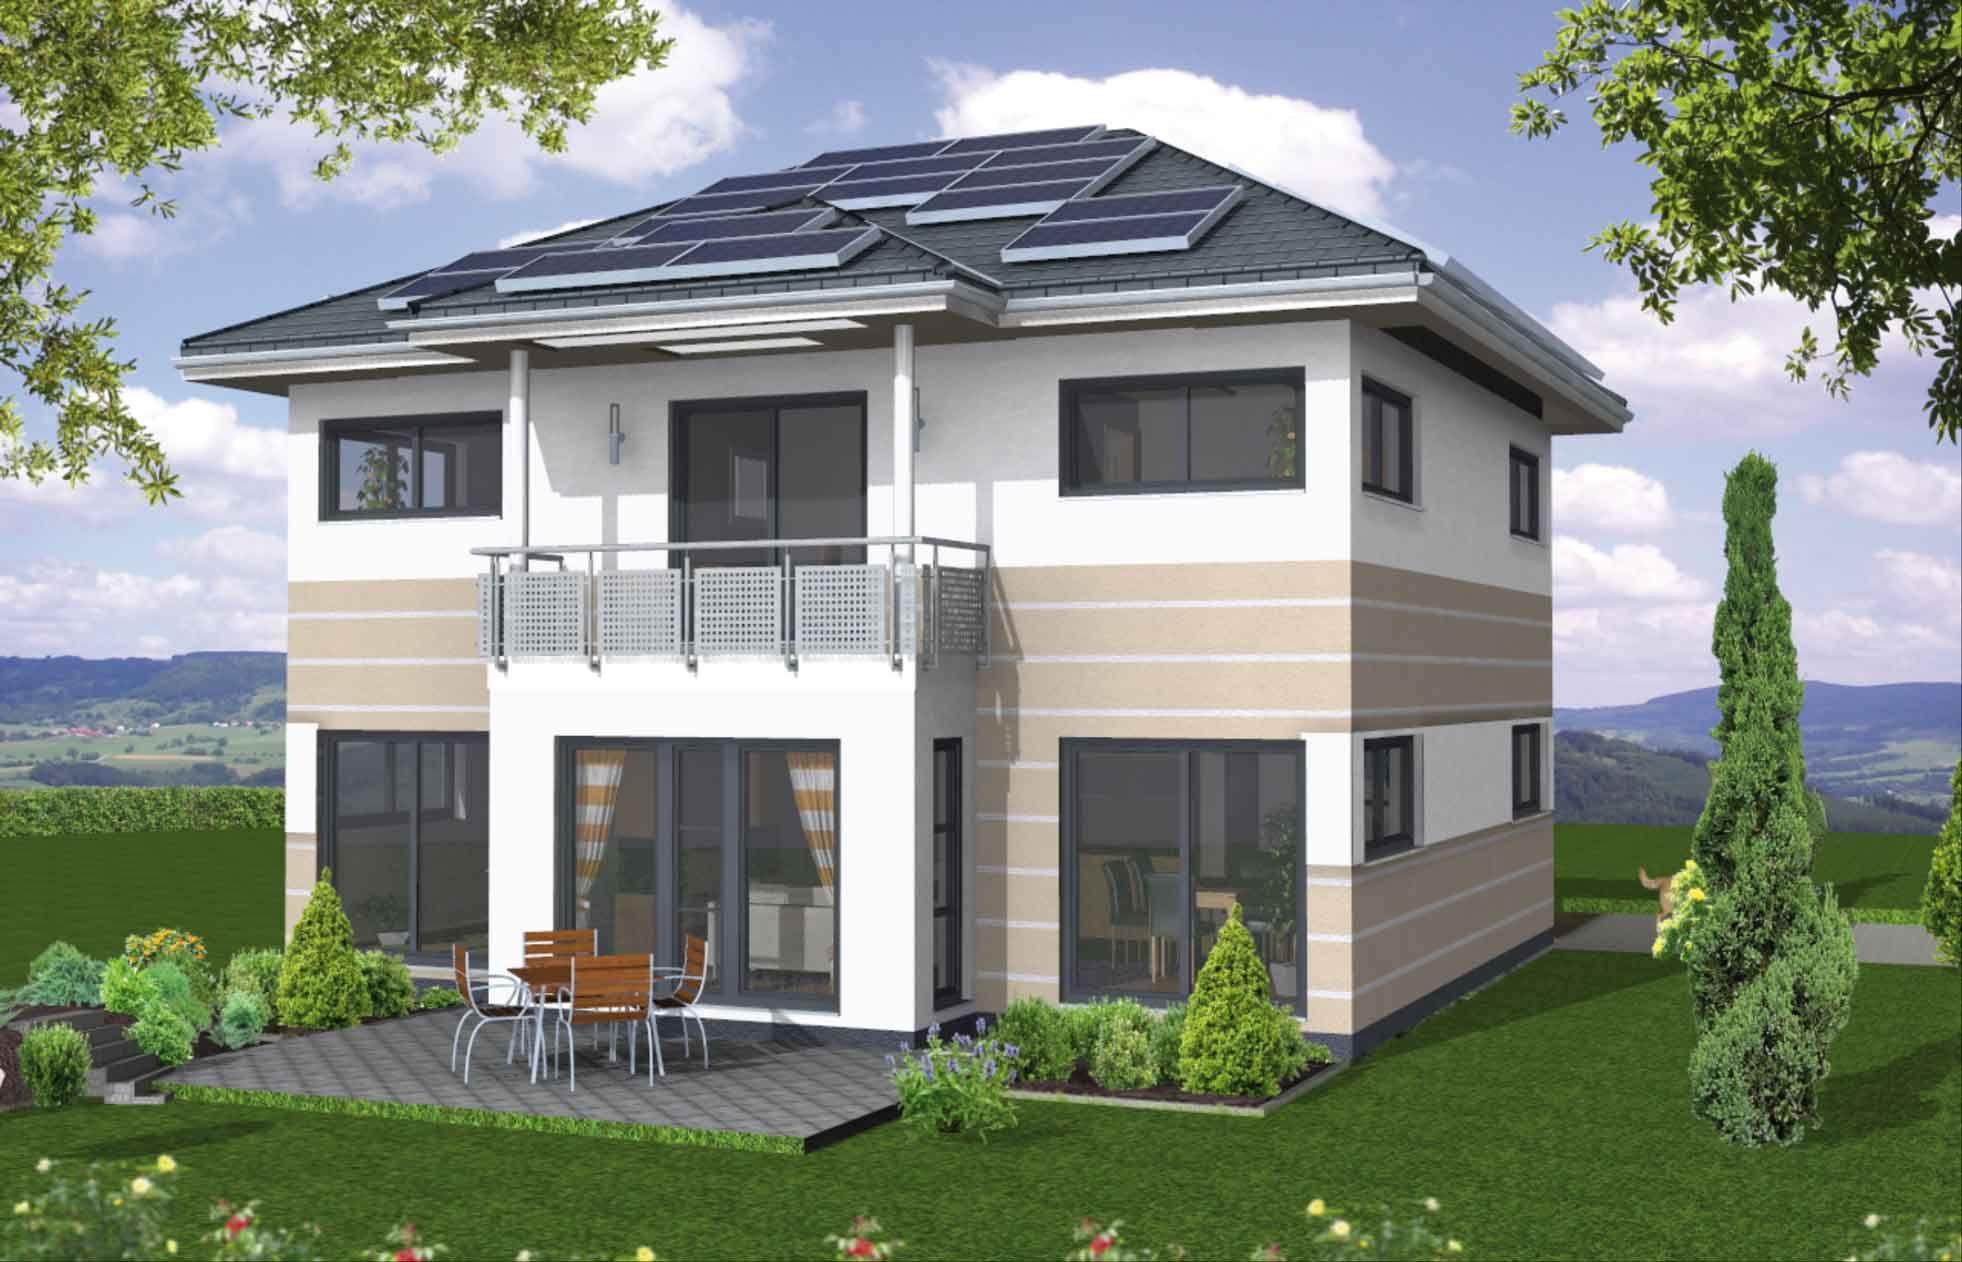 Pin von Ruhsar Coşkun auf Steel house Haus, Musterhaus